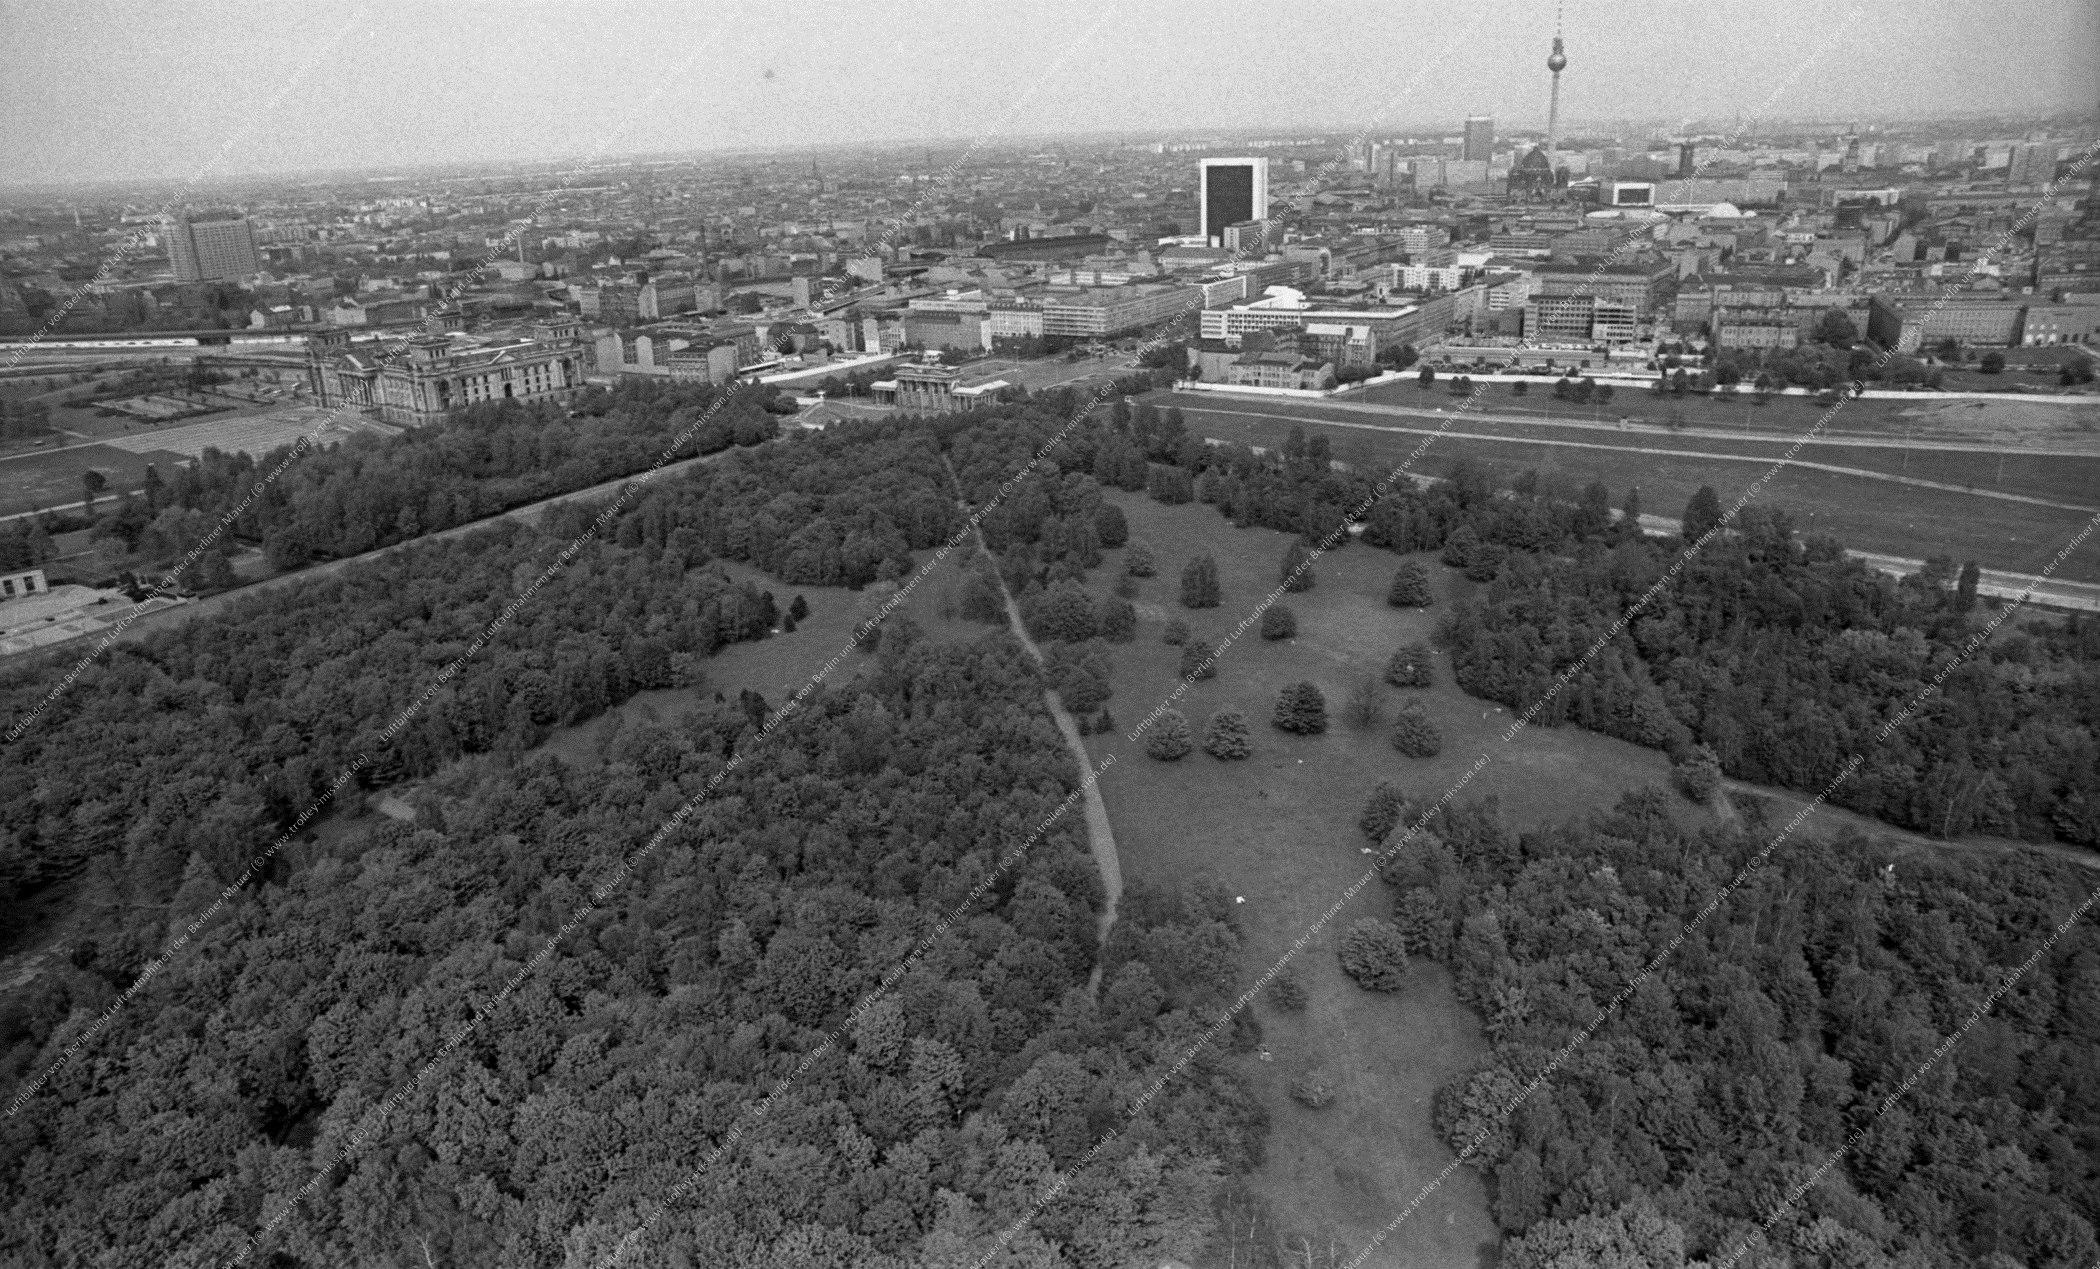 Berlin Luftbild Brandenburger Tor und Reichstag vom Tiergarten aus gesehen vom 12. Mai 1982 (Bild 099)